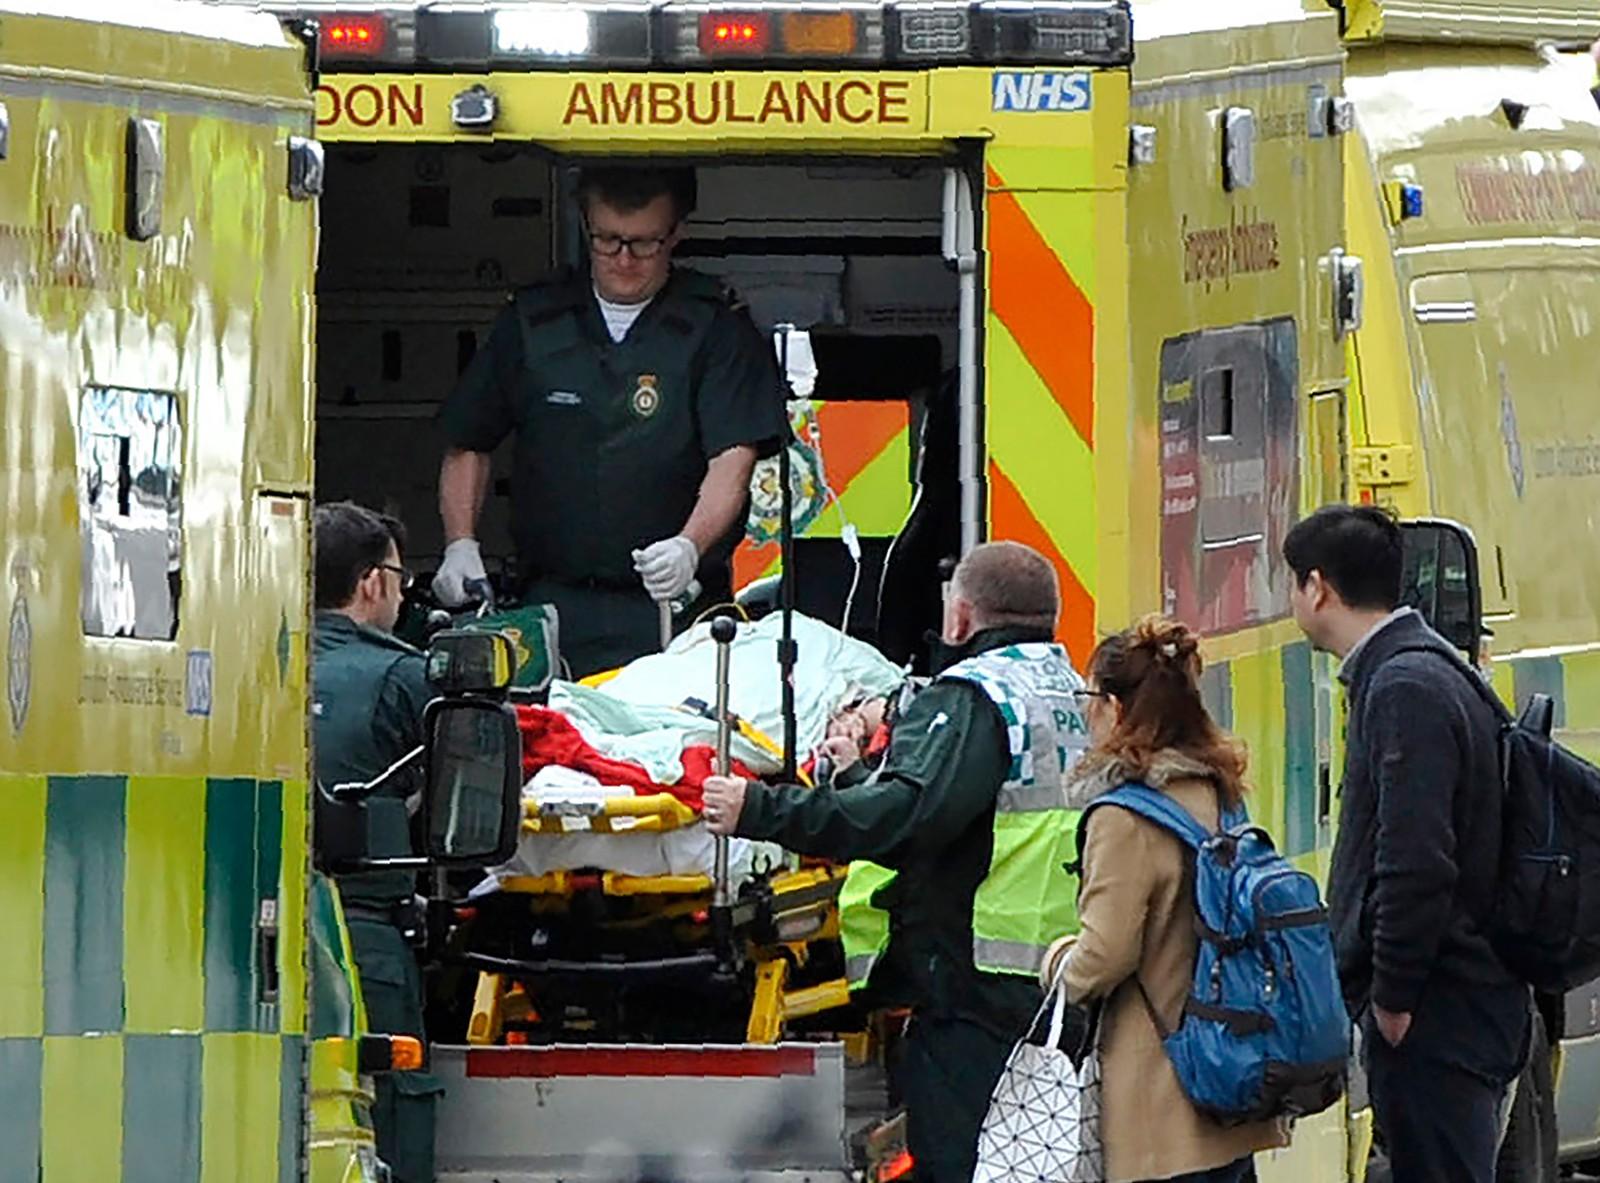 Et offer får medisinsk hjelp.